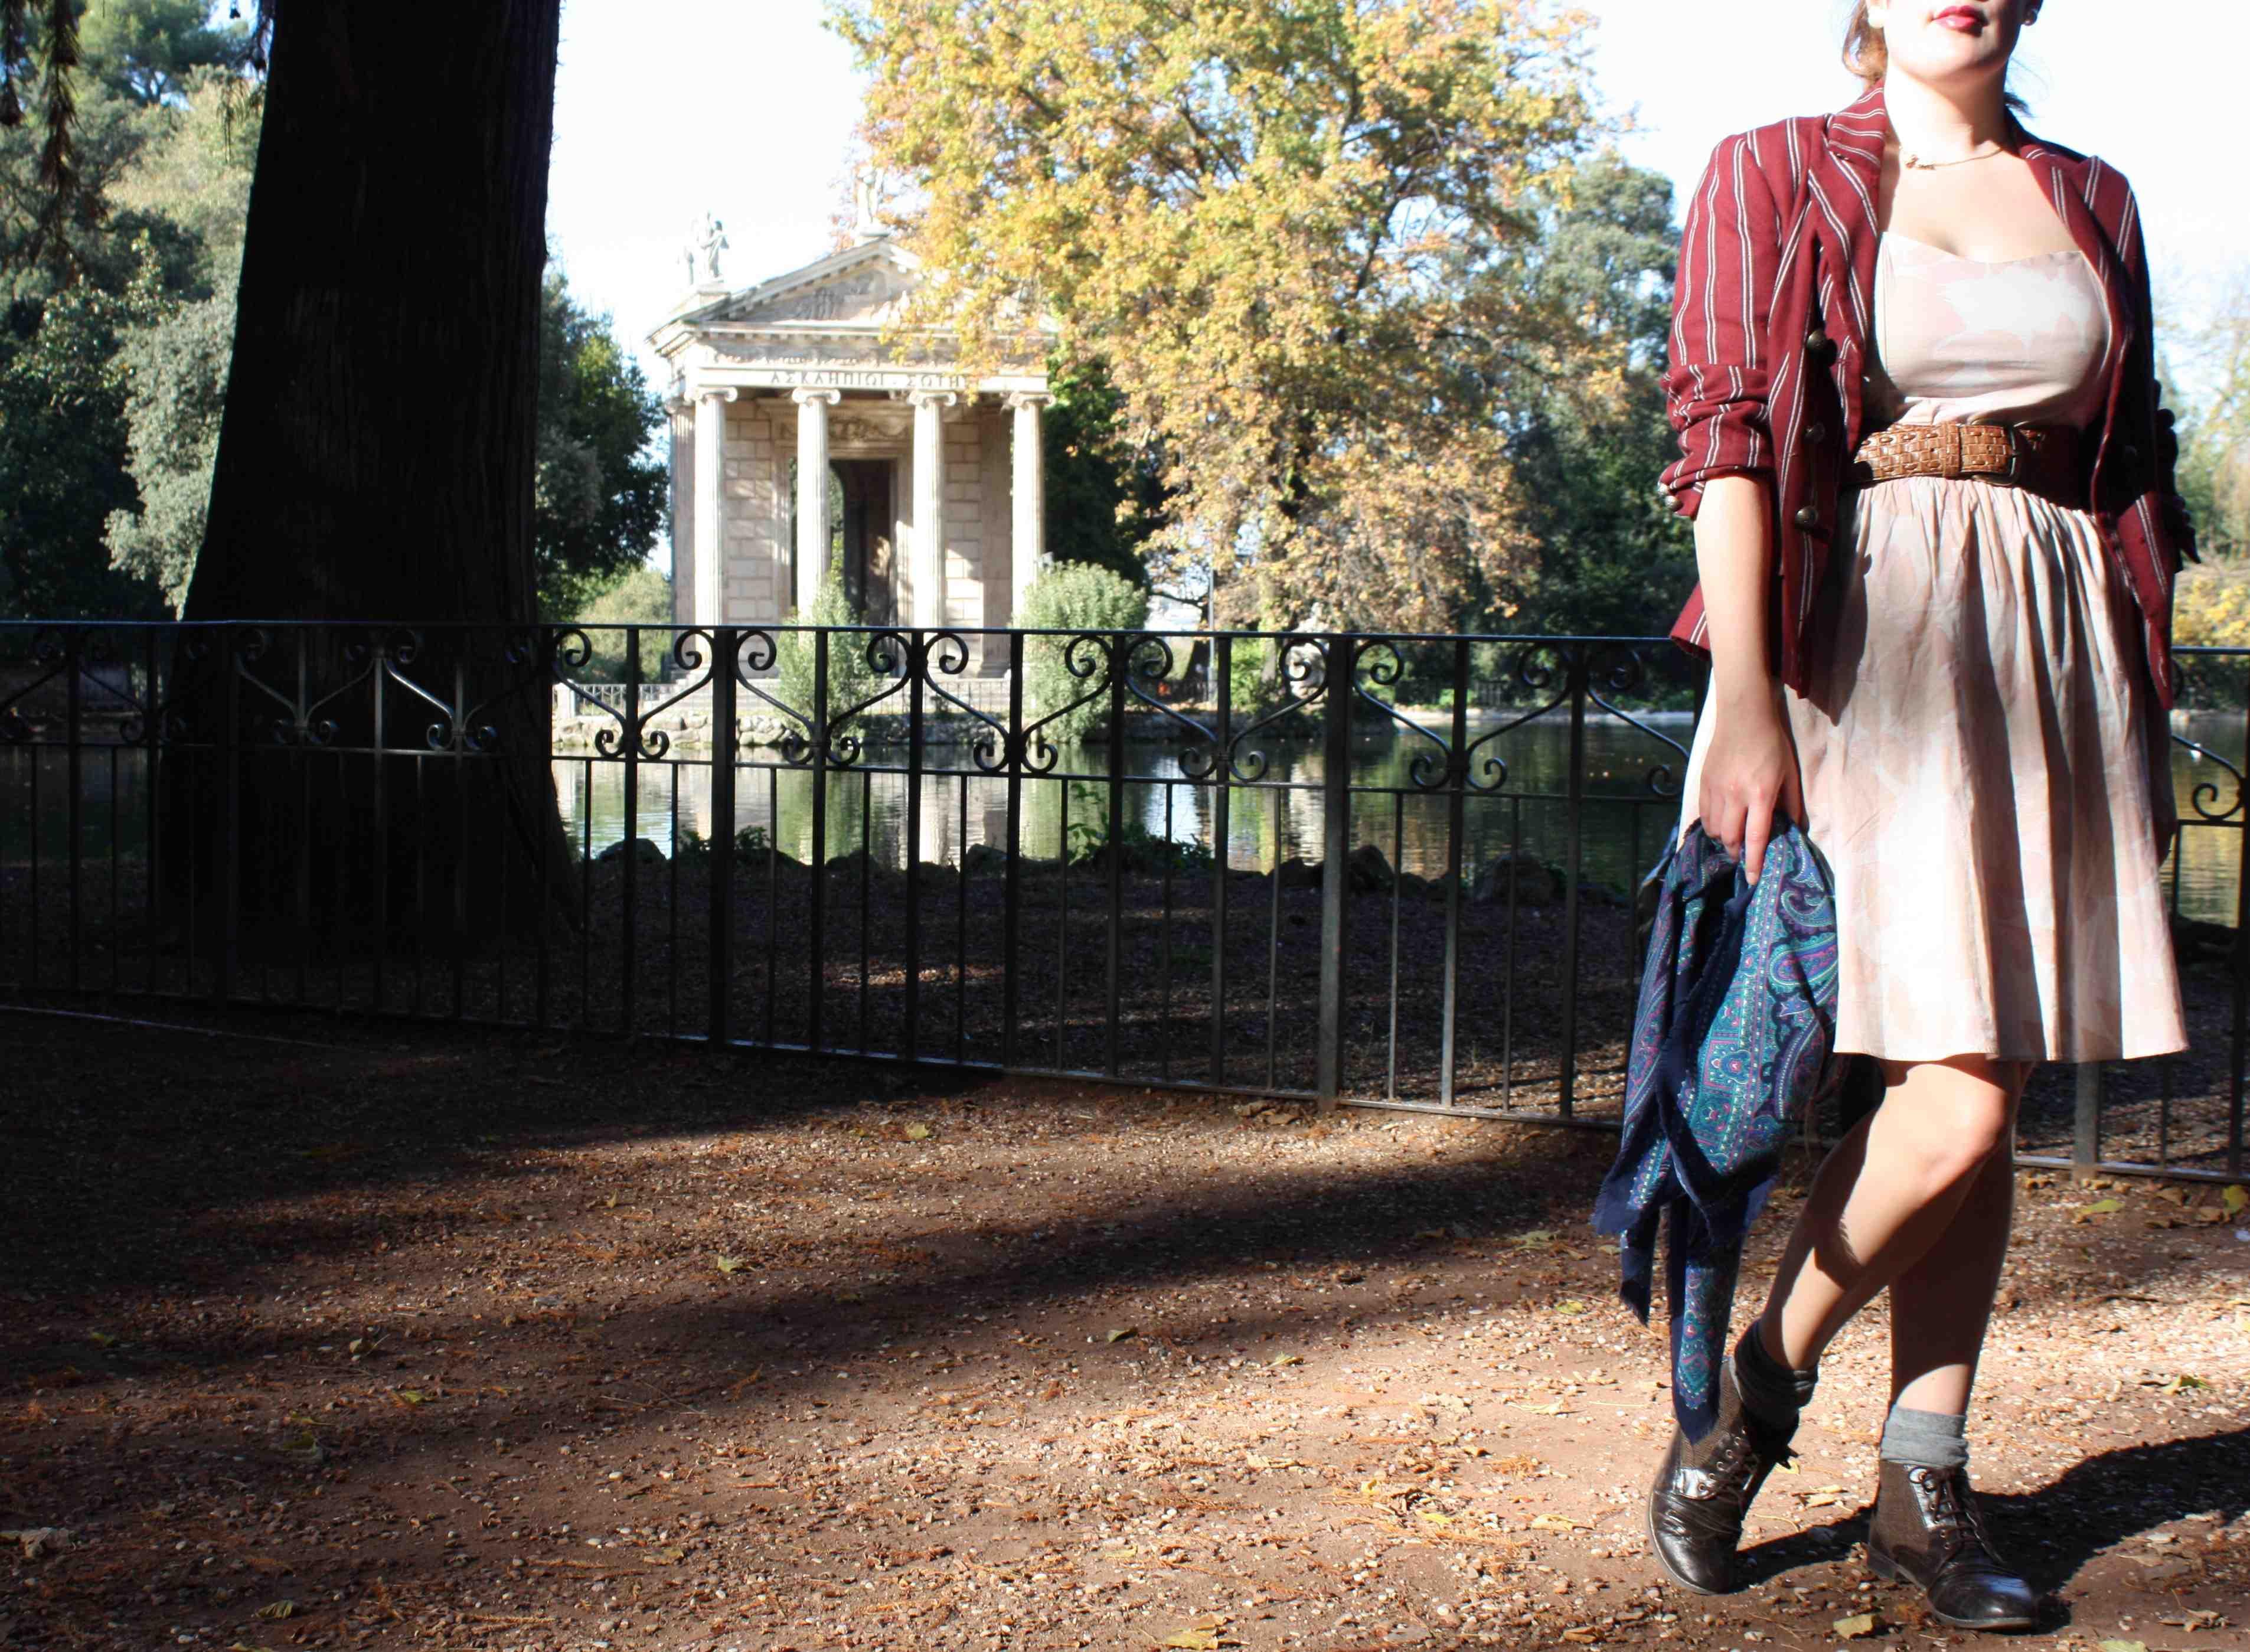 H&M dress at Villa Borghese